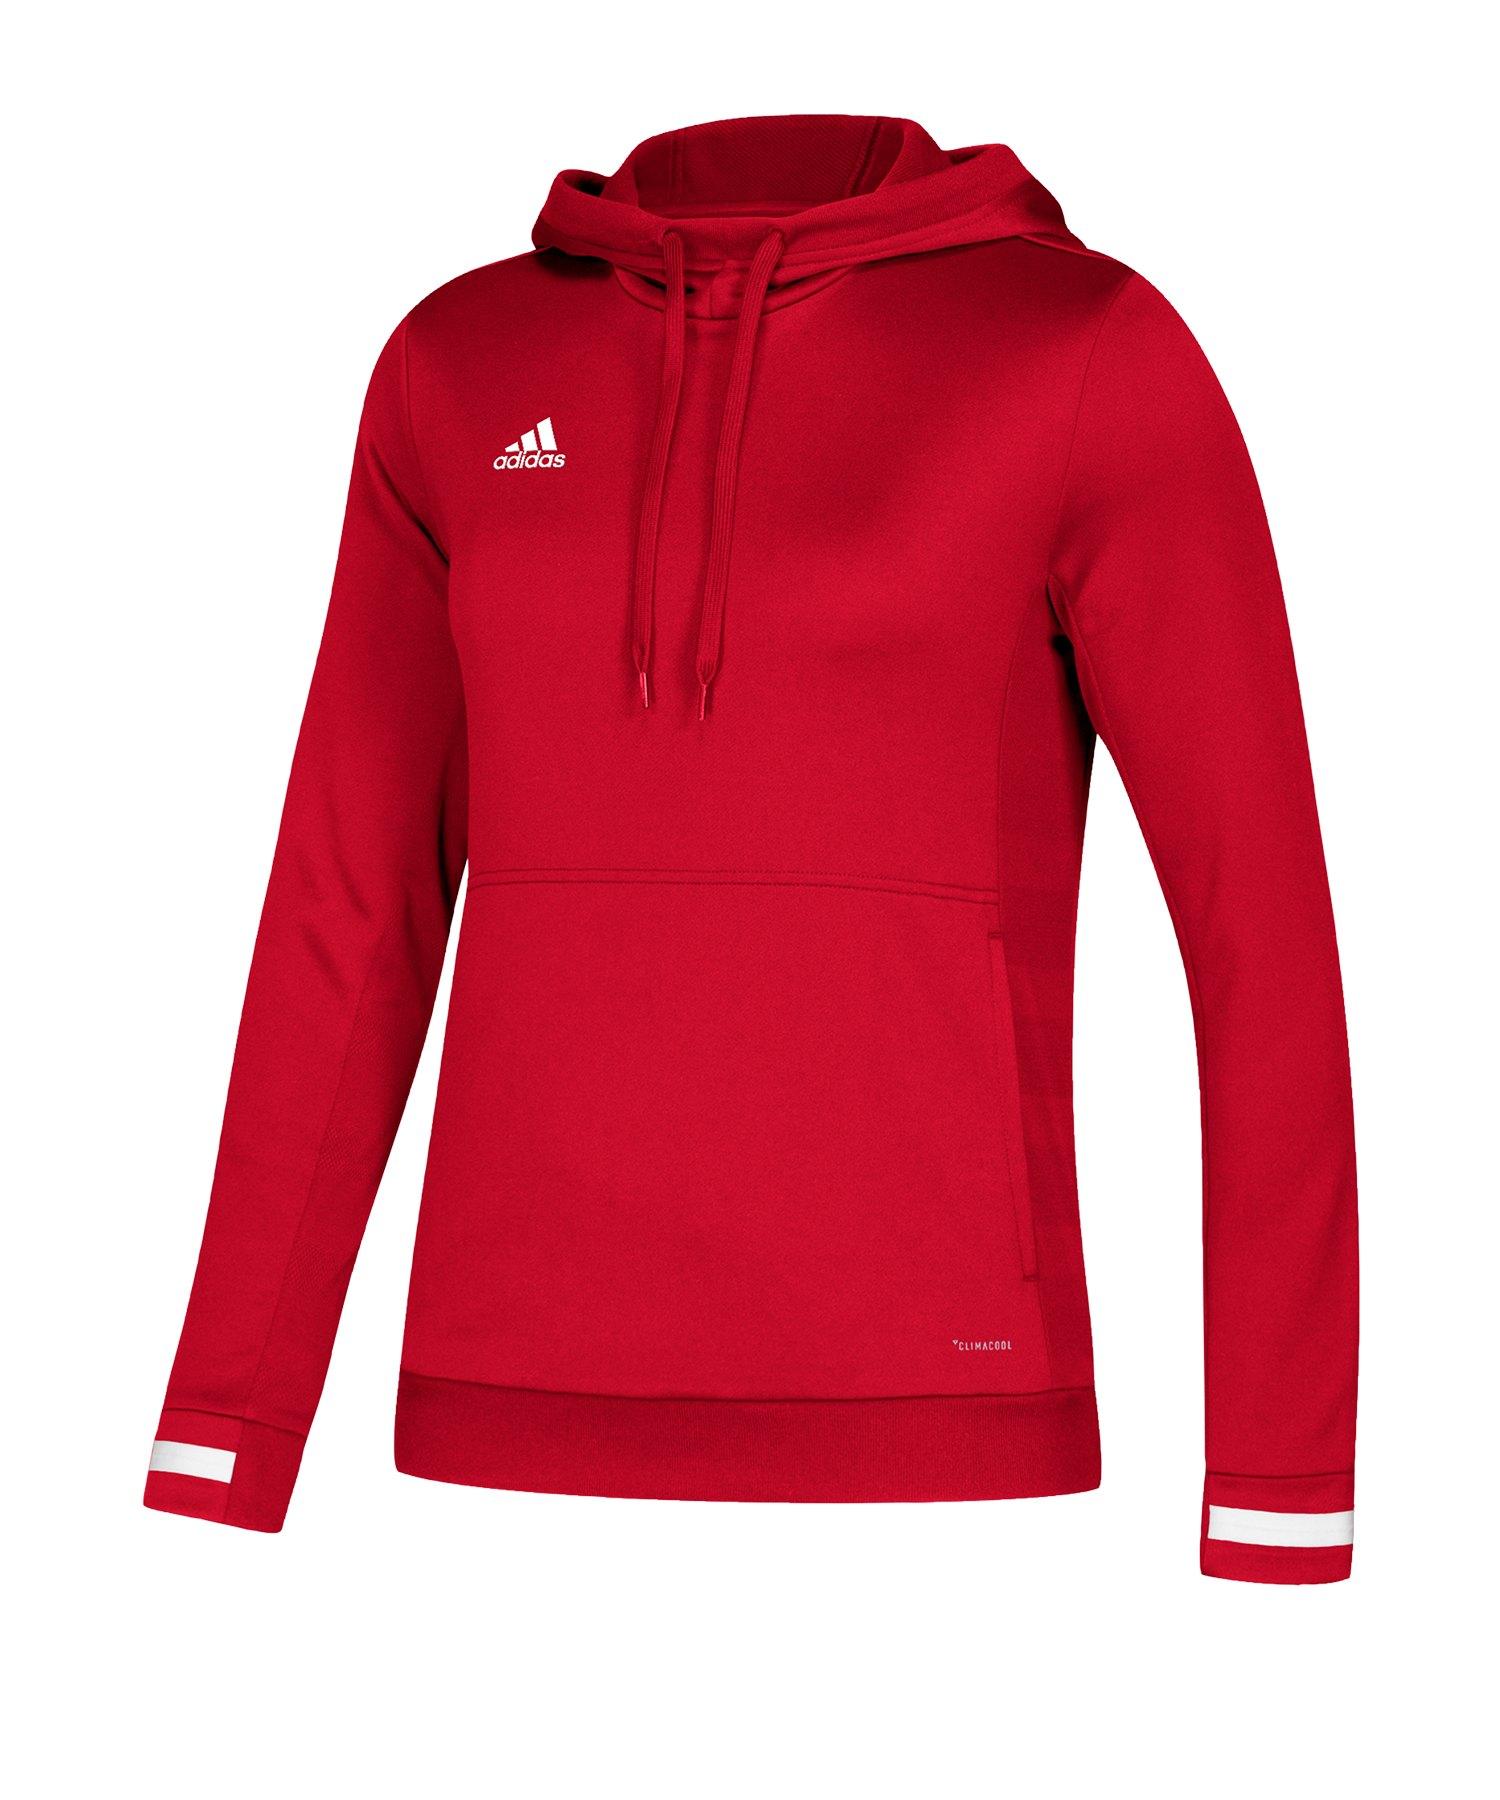 adidas Team 19 Kapuzensweatshirt Damen Rot - rot